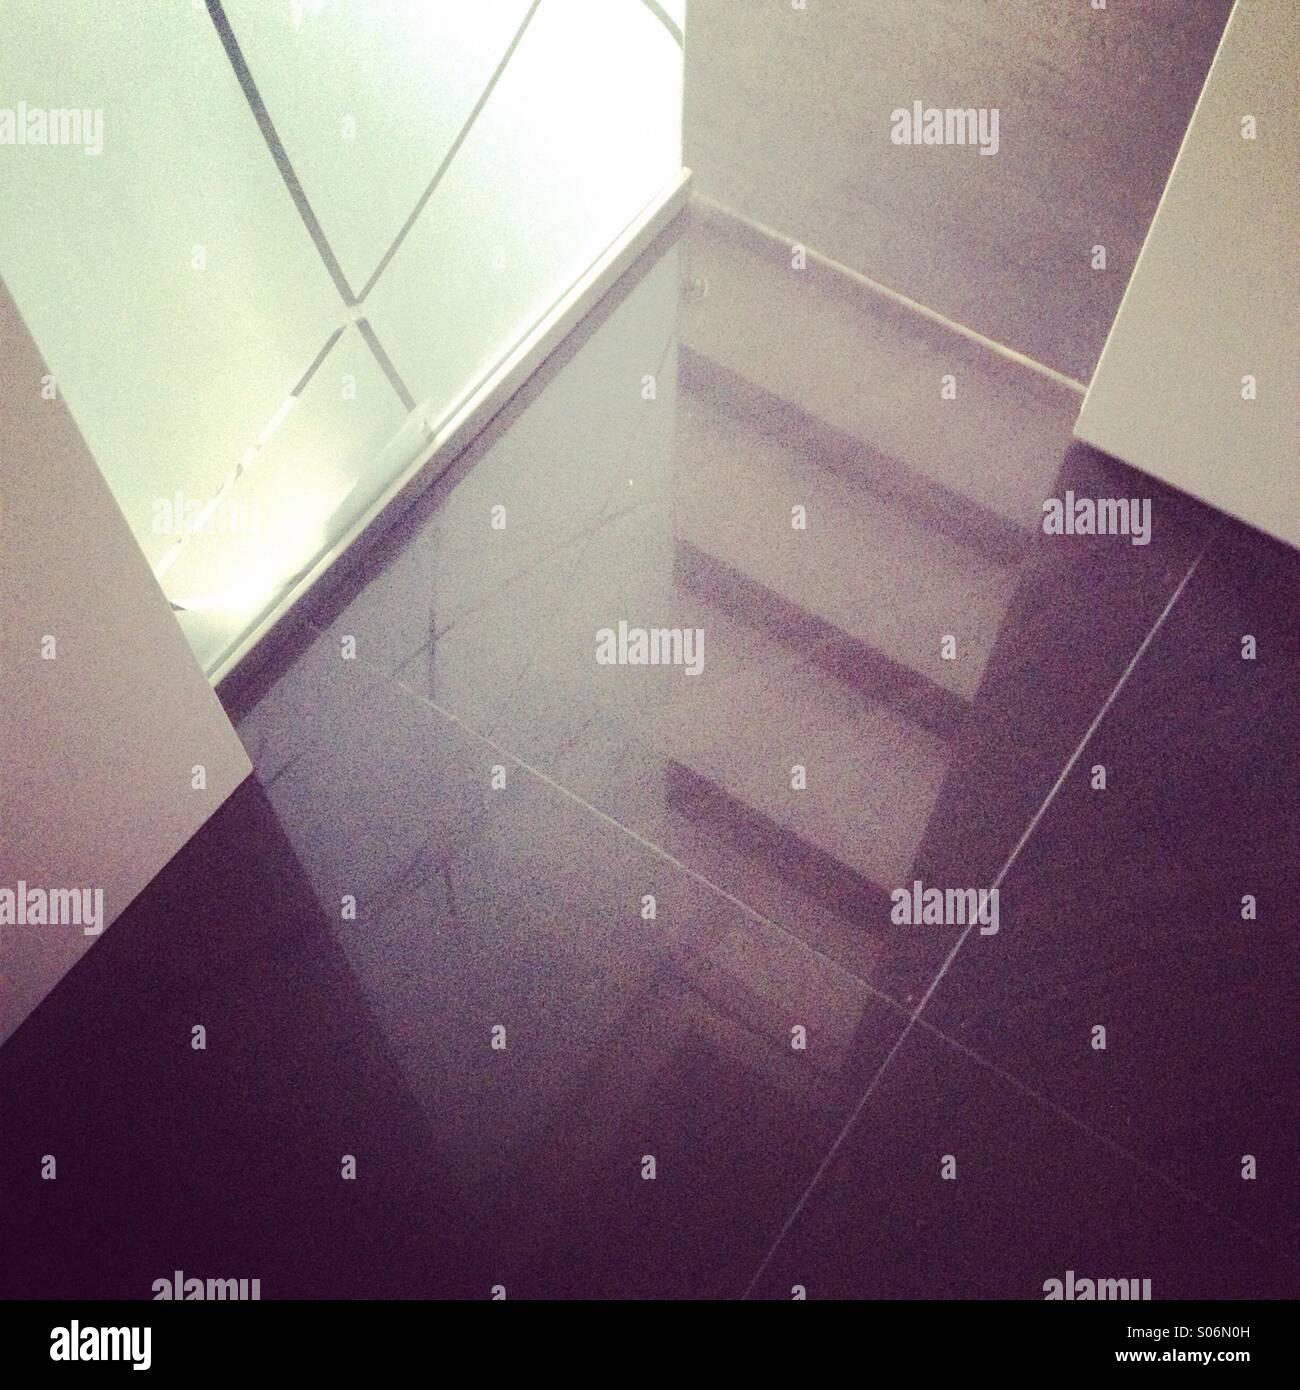 Reflexion, Licht, Schatten Stockbild